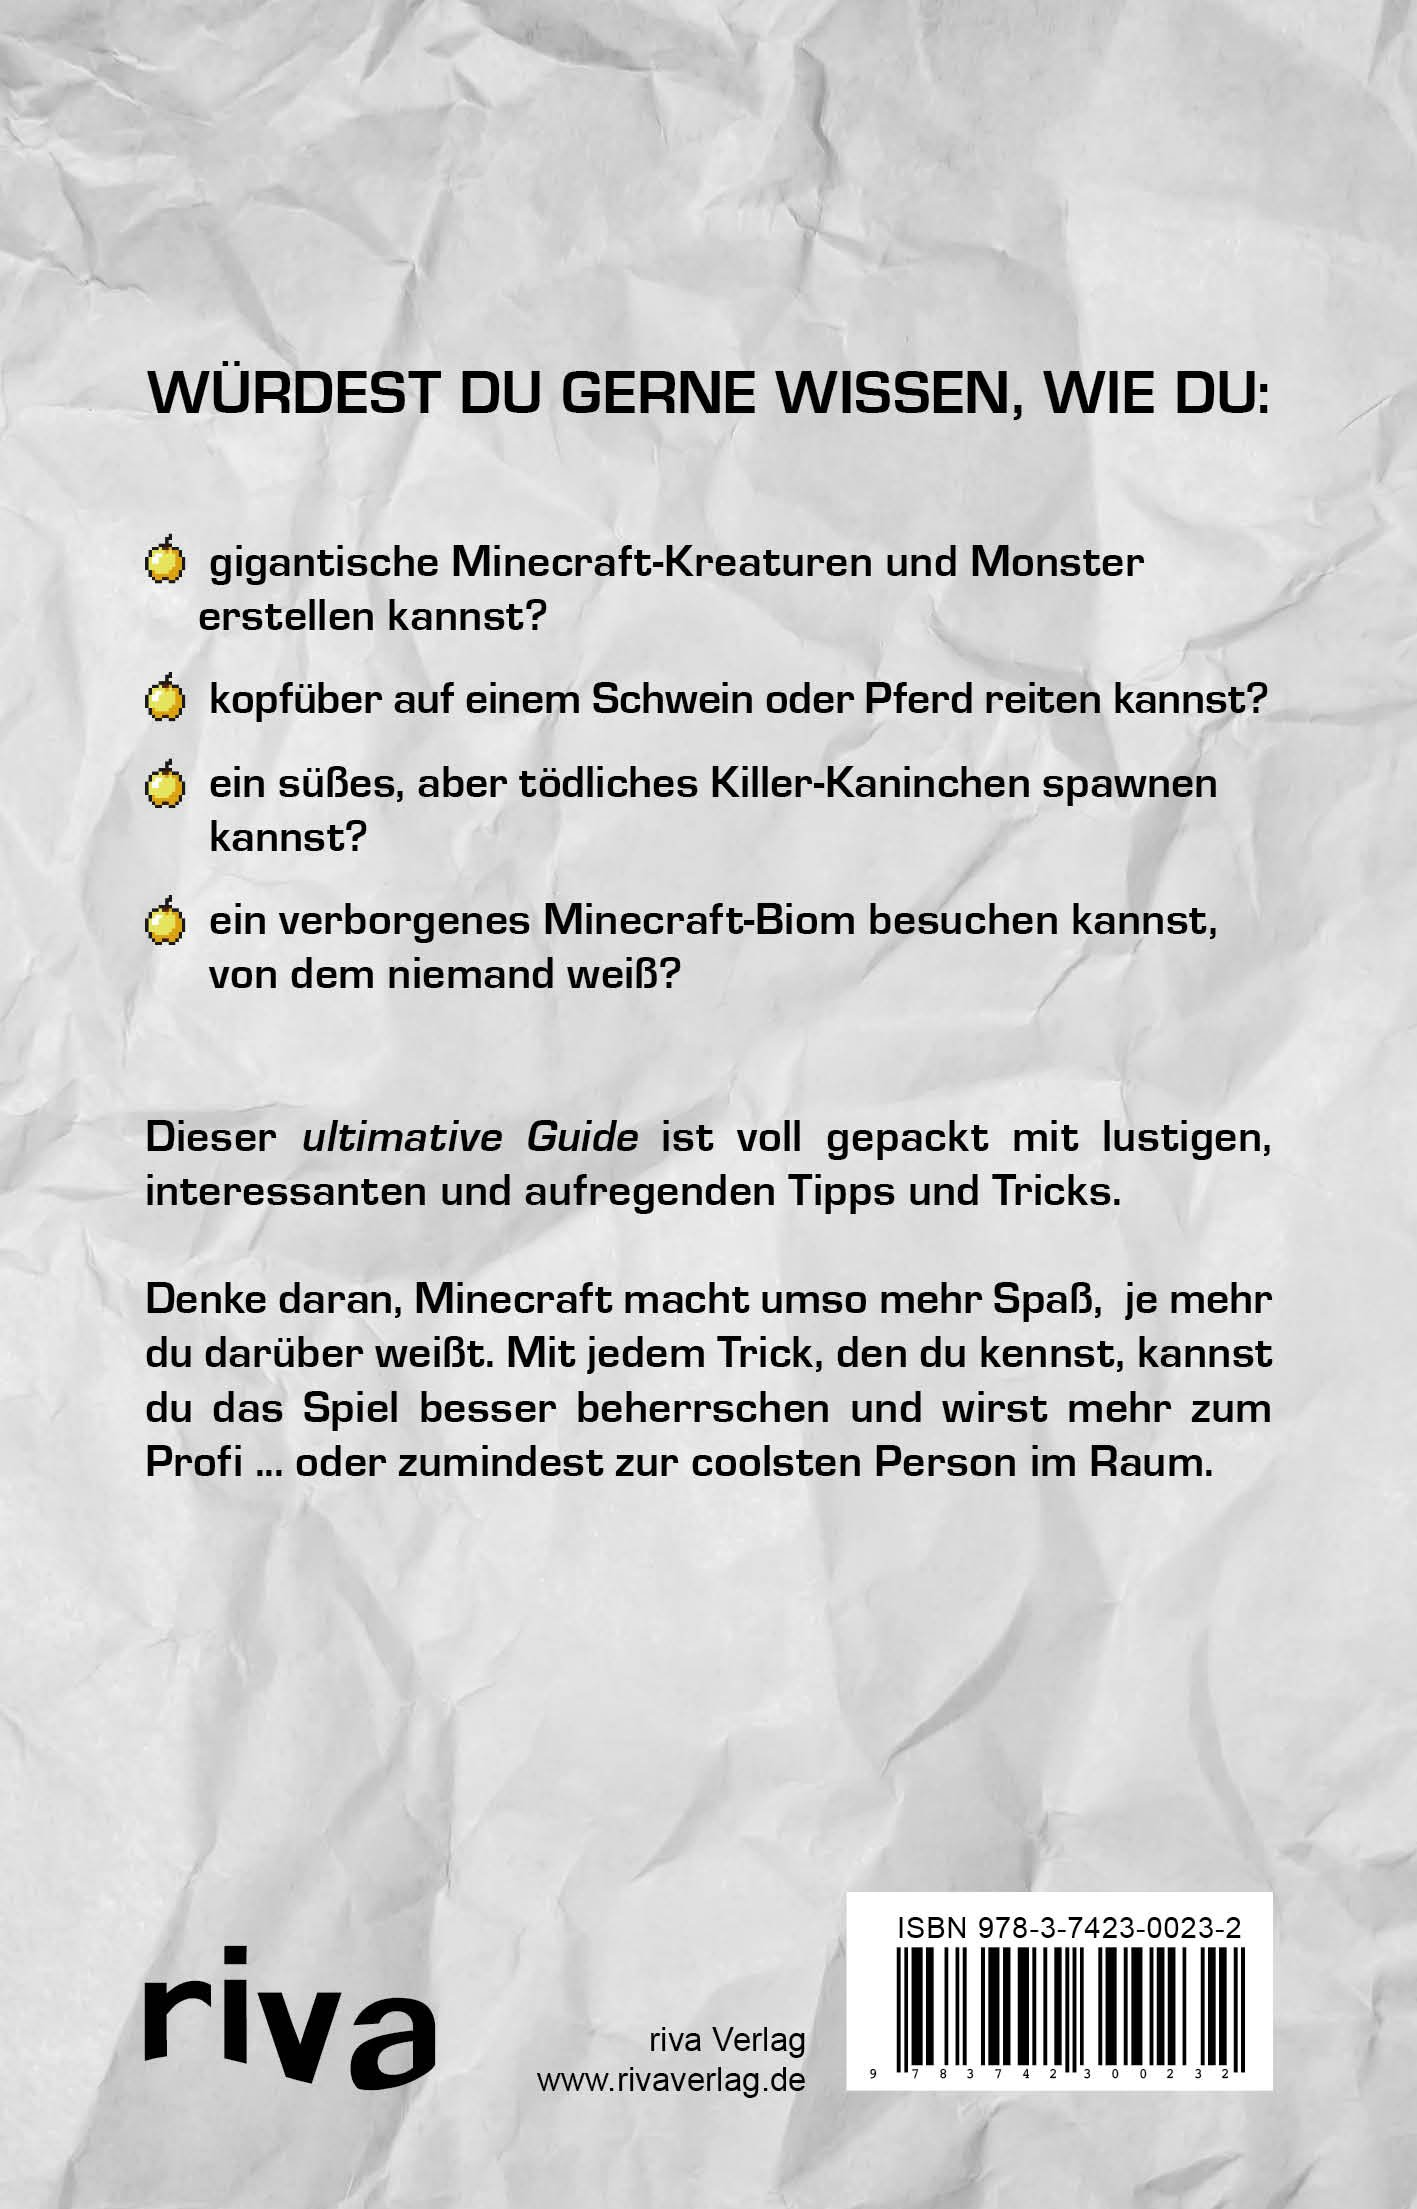 Der Ultimative MinecraftGuide Amazoncom Books - Minecraft pferde spiele